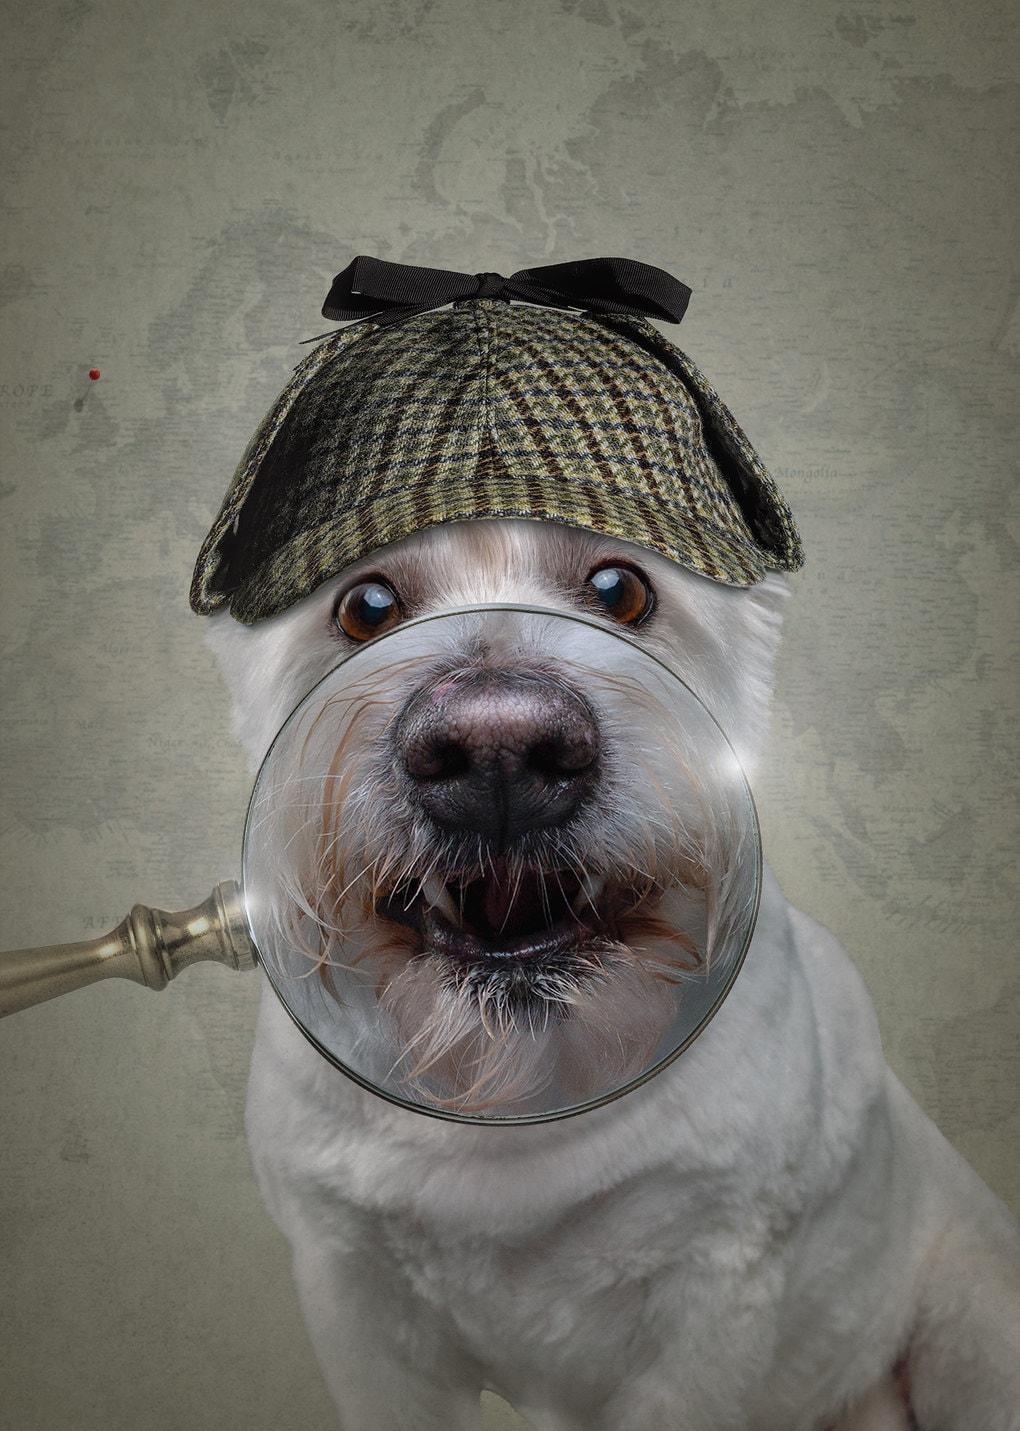 Фотограф из Мельбурна примерил человеческие образы двенадцати собакам и одному дерзкому коту 3